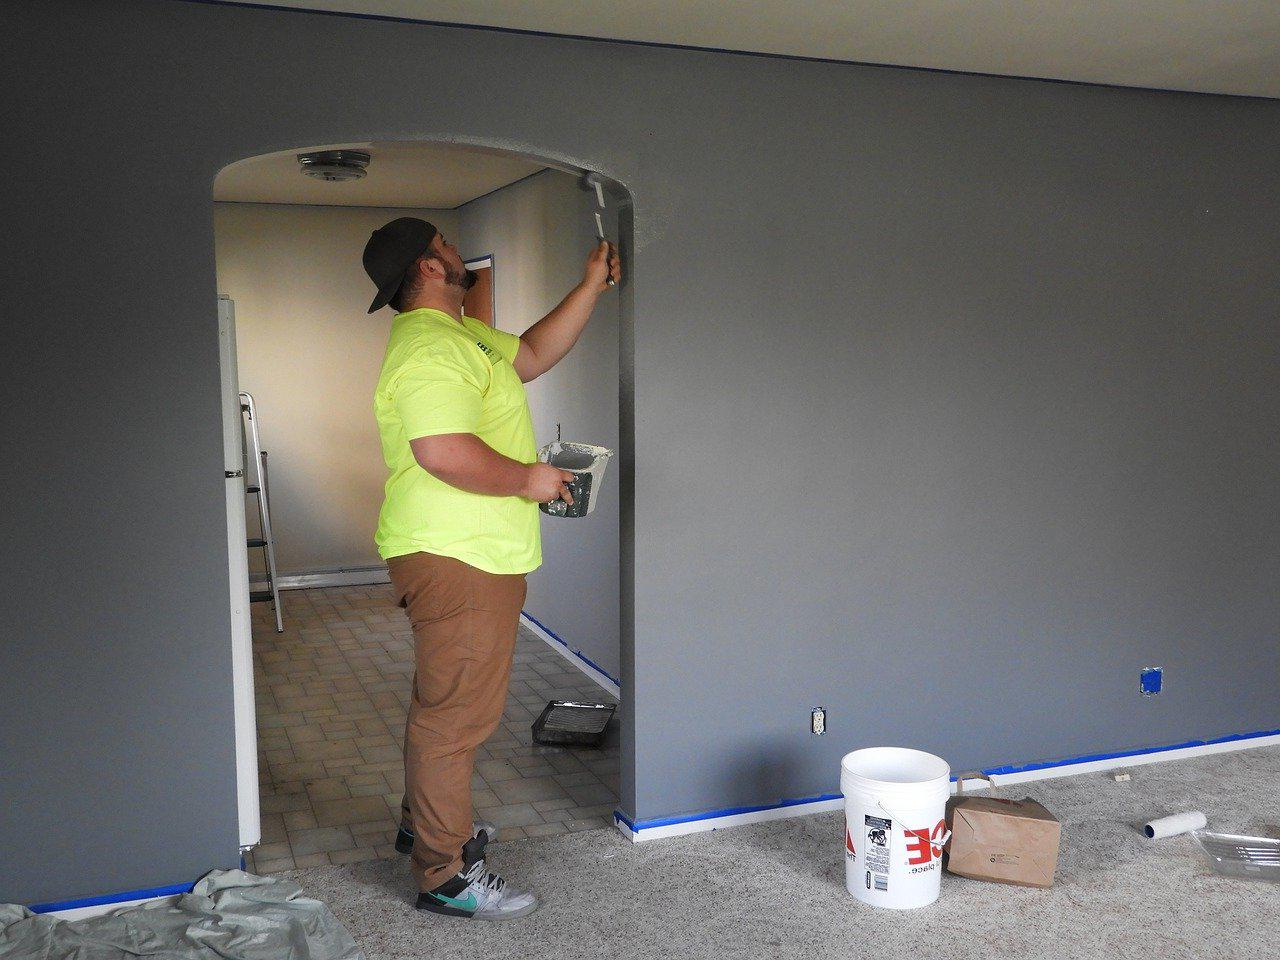 Rénover une maison à Montmagny 95360   Entreprises de rénovation